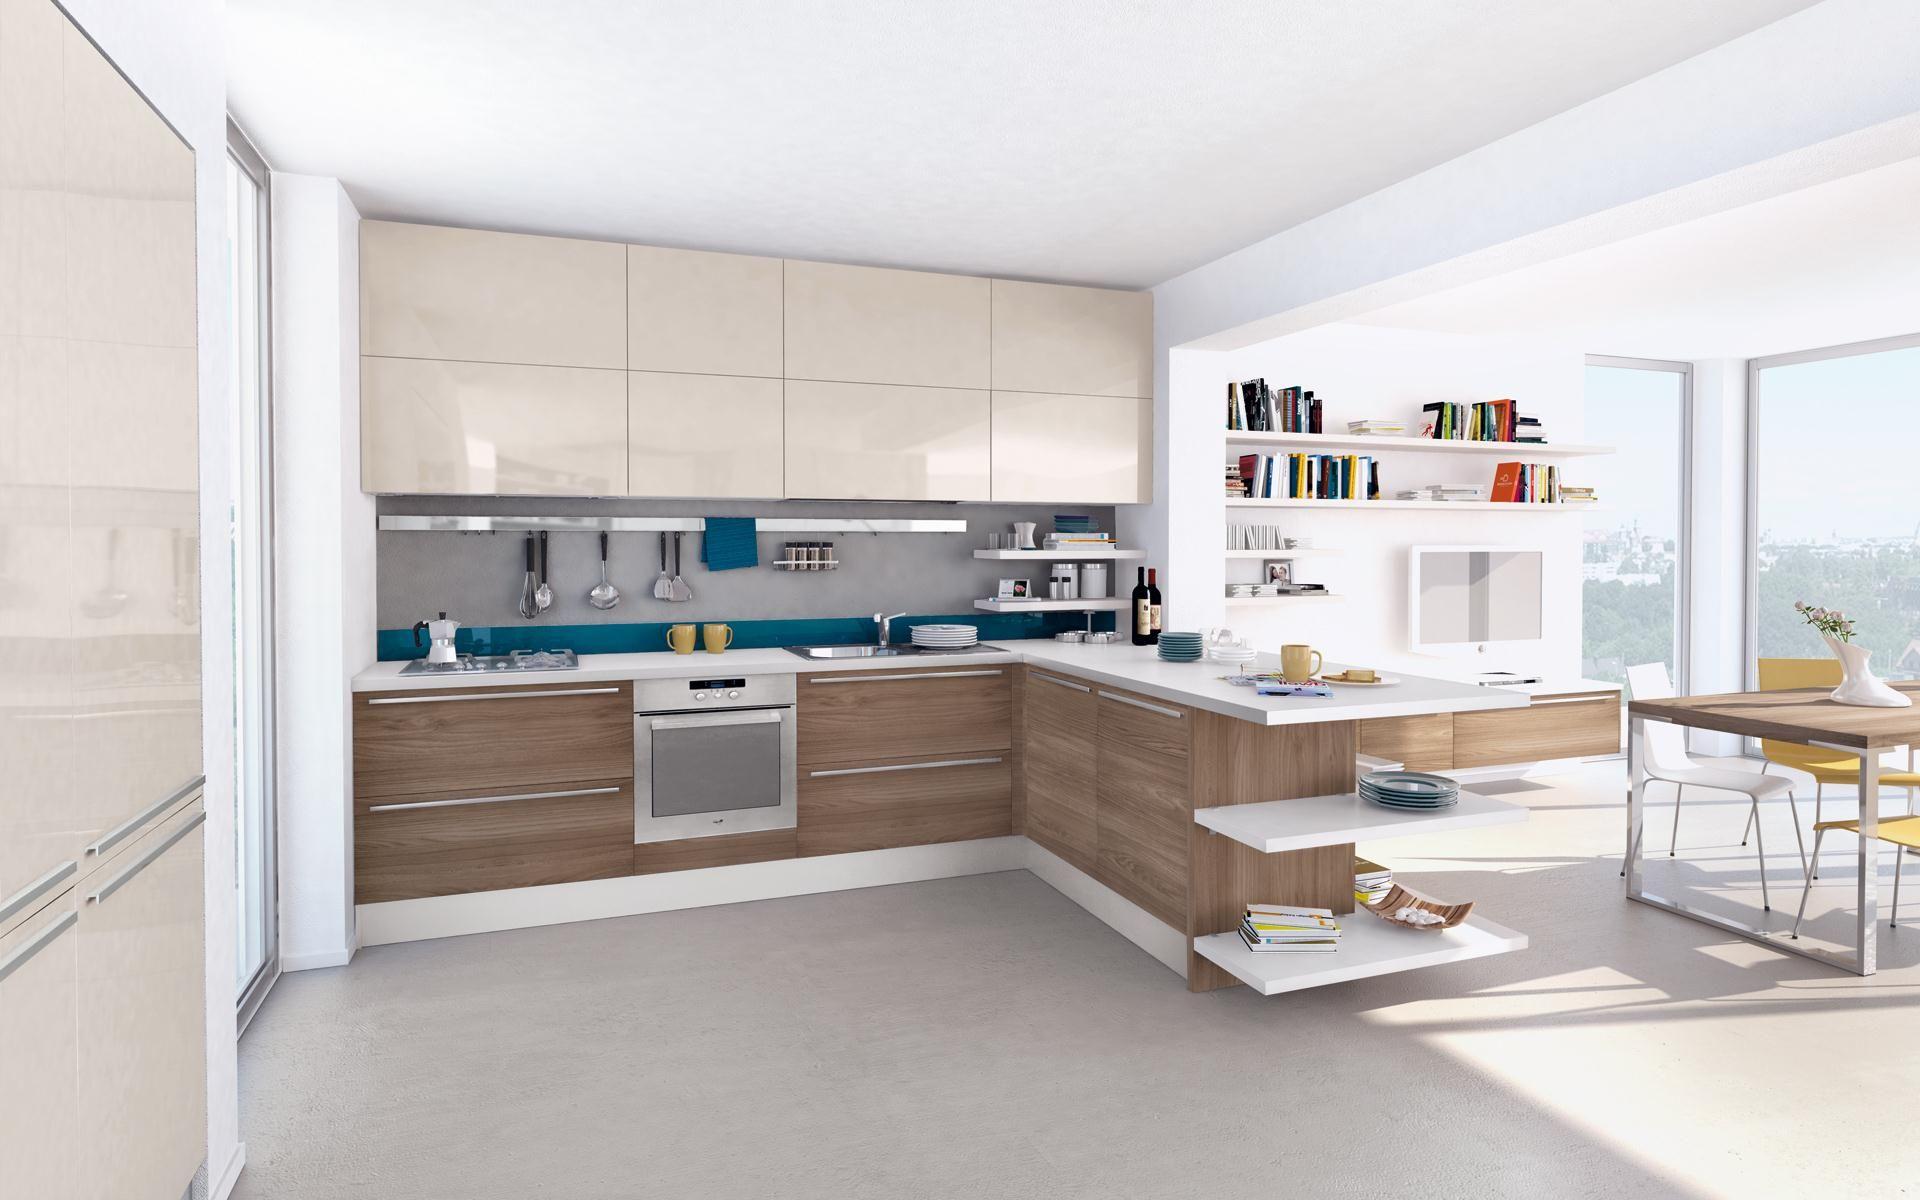 noemi-mobilificio-arredamento-padova-venezia-cucine-lube-rampazzo ...